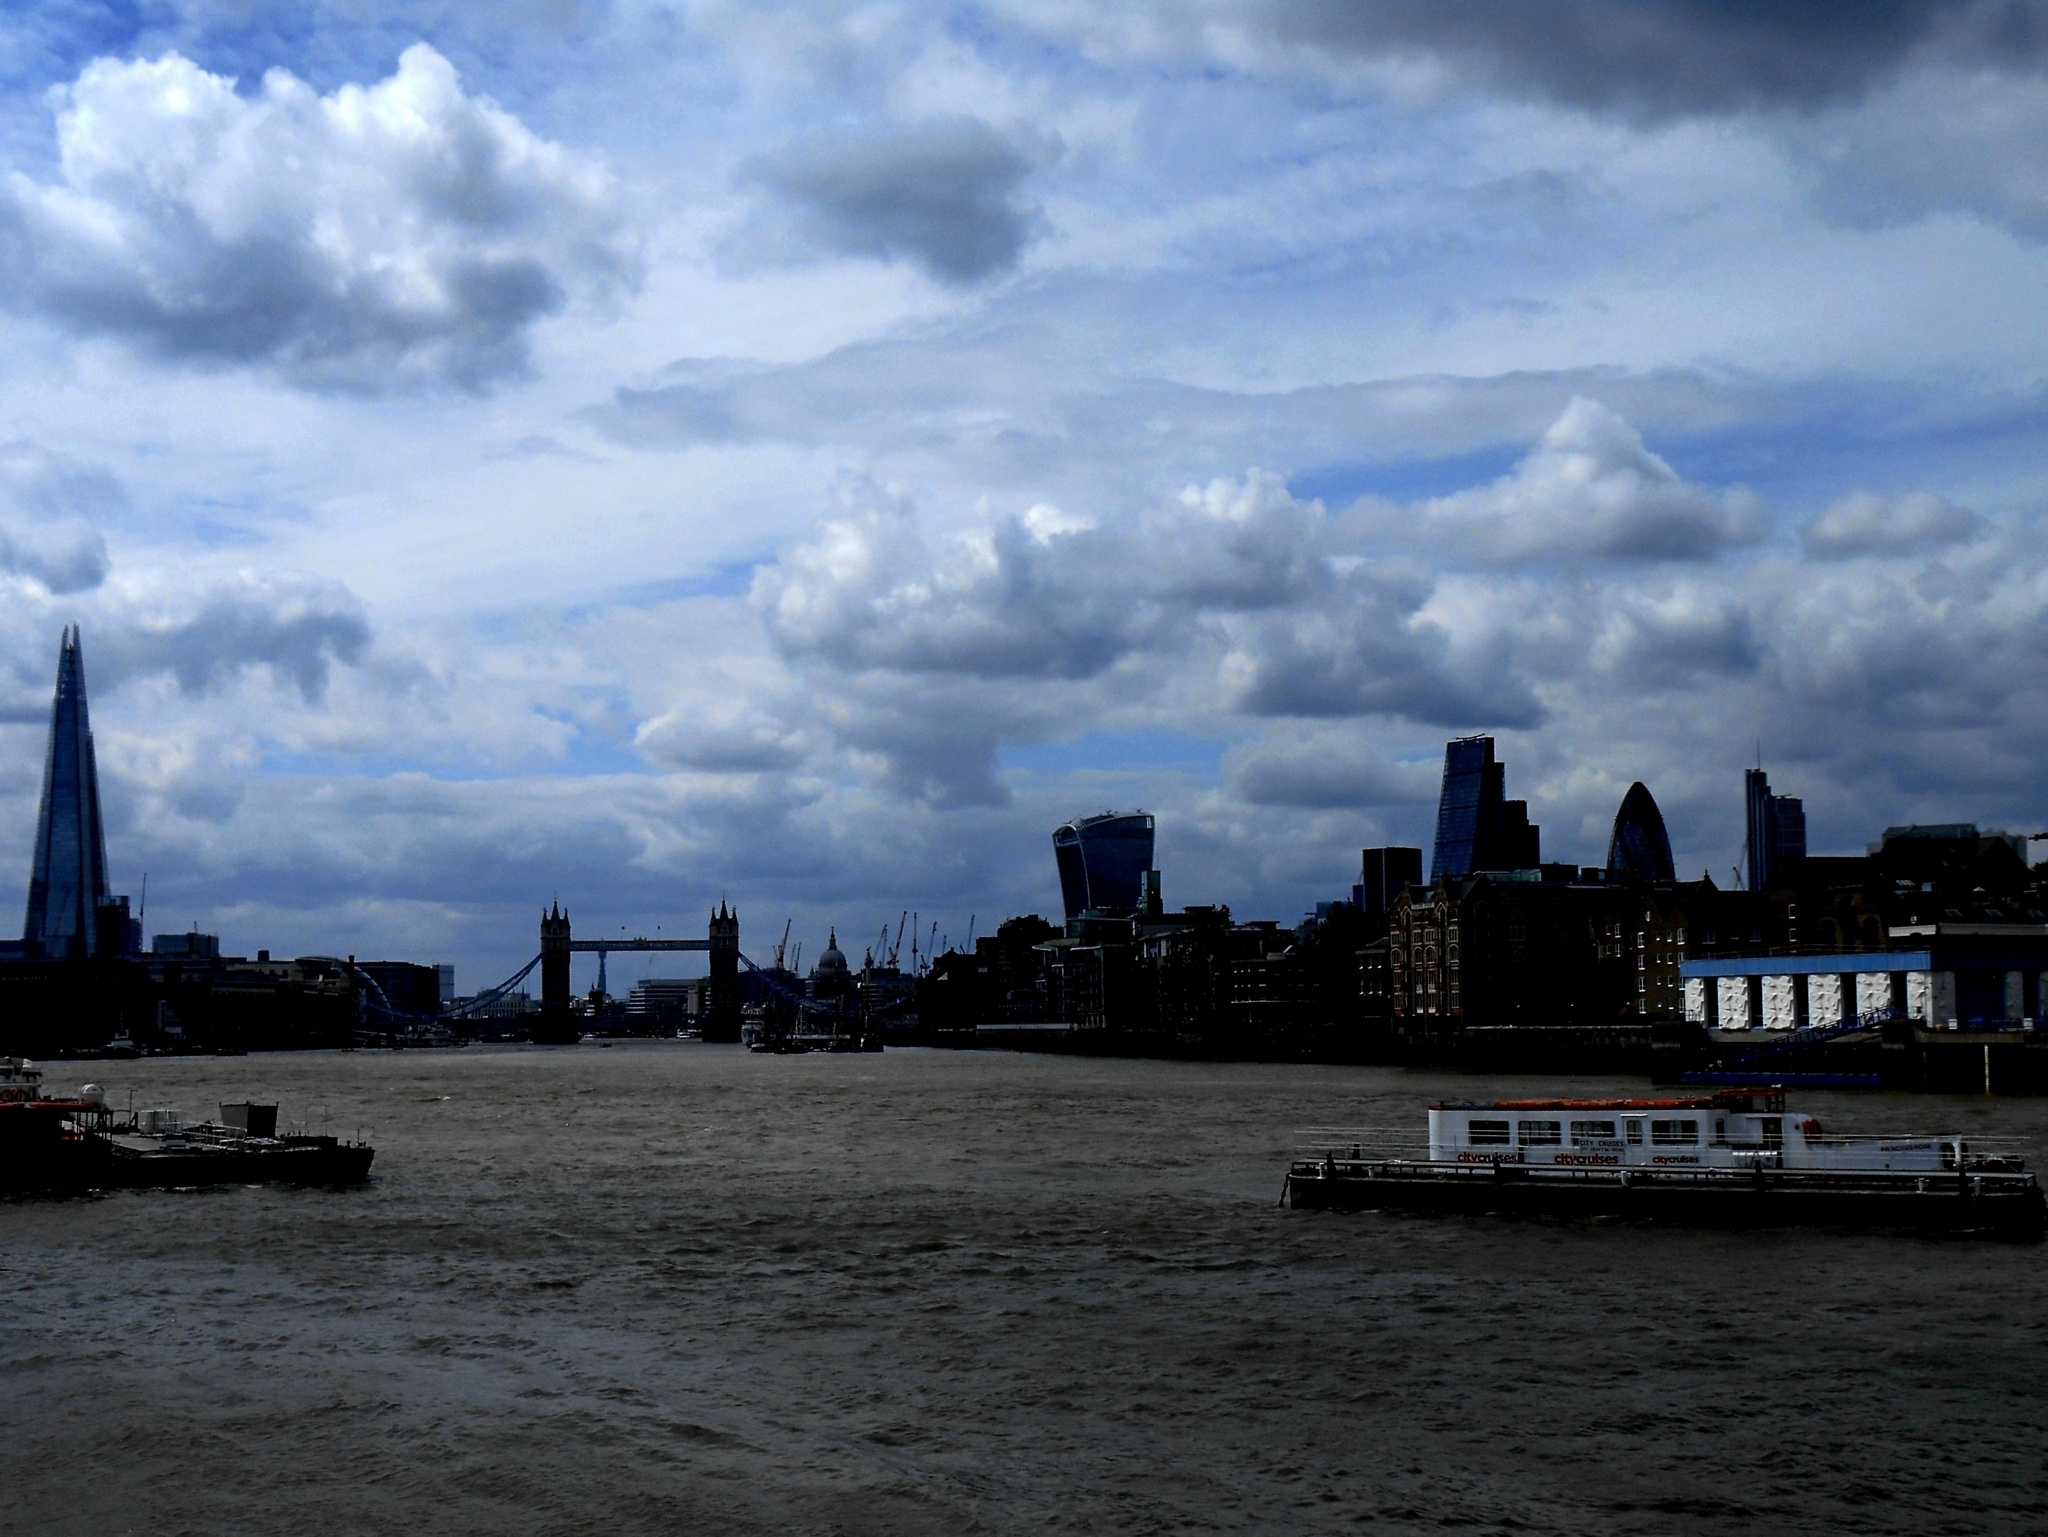 Skyline...Thames by Piercarlo Bedino